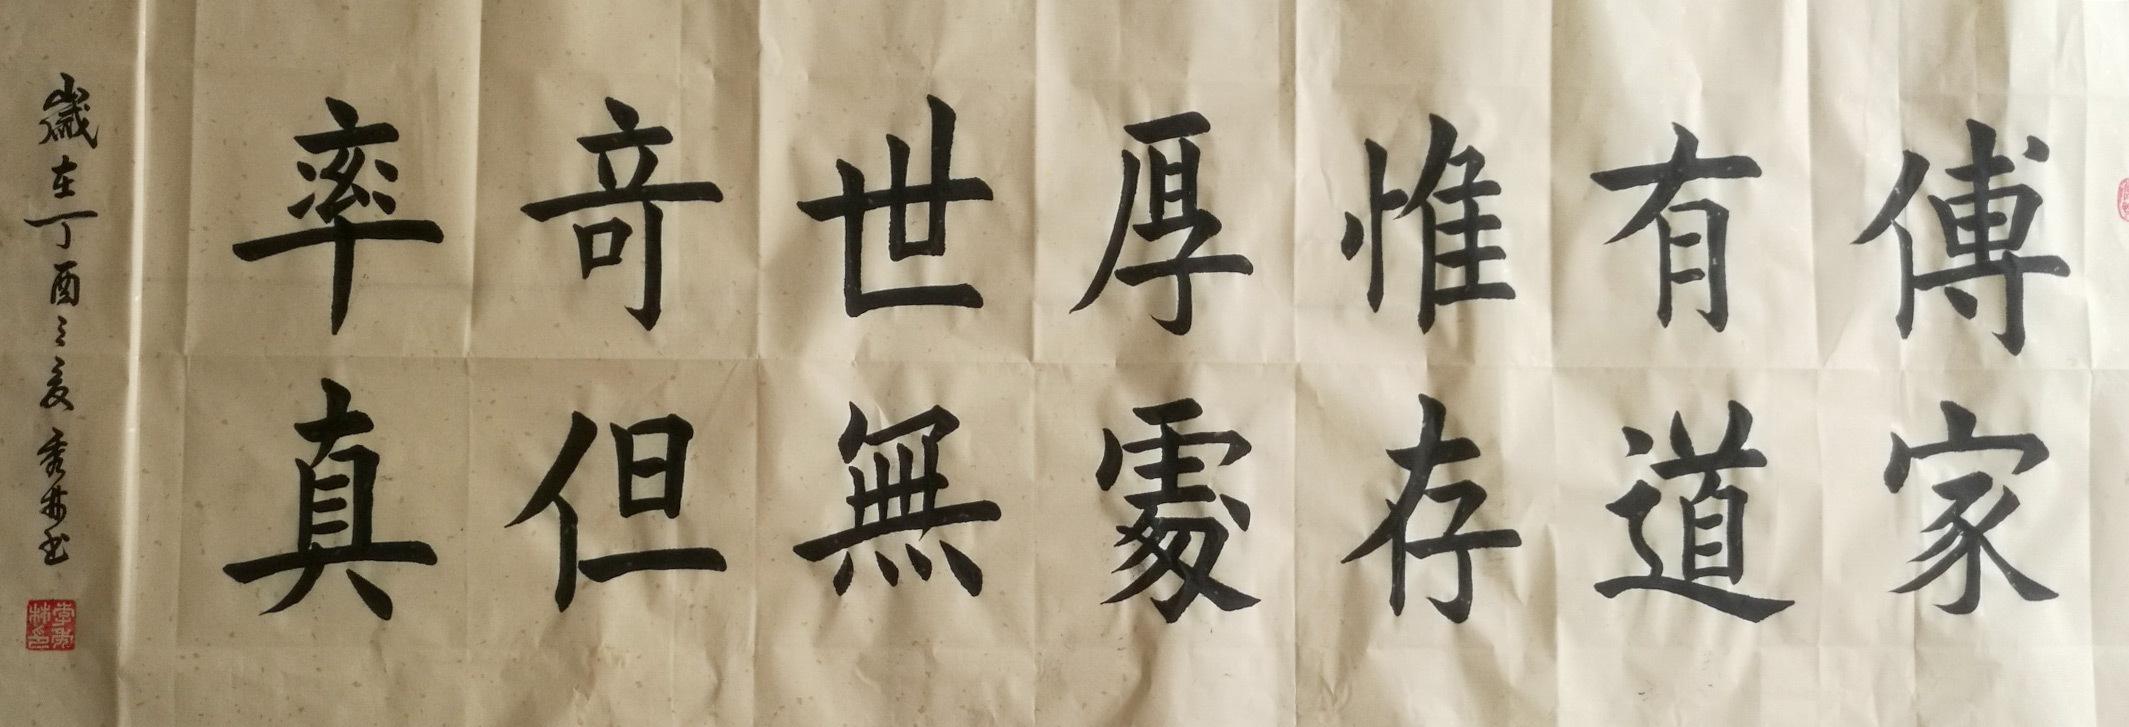 真迹名家李秀林作品欣赏:笔墨精妙,墨饱笔酣